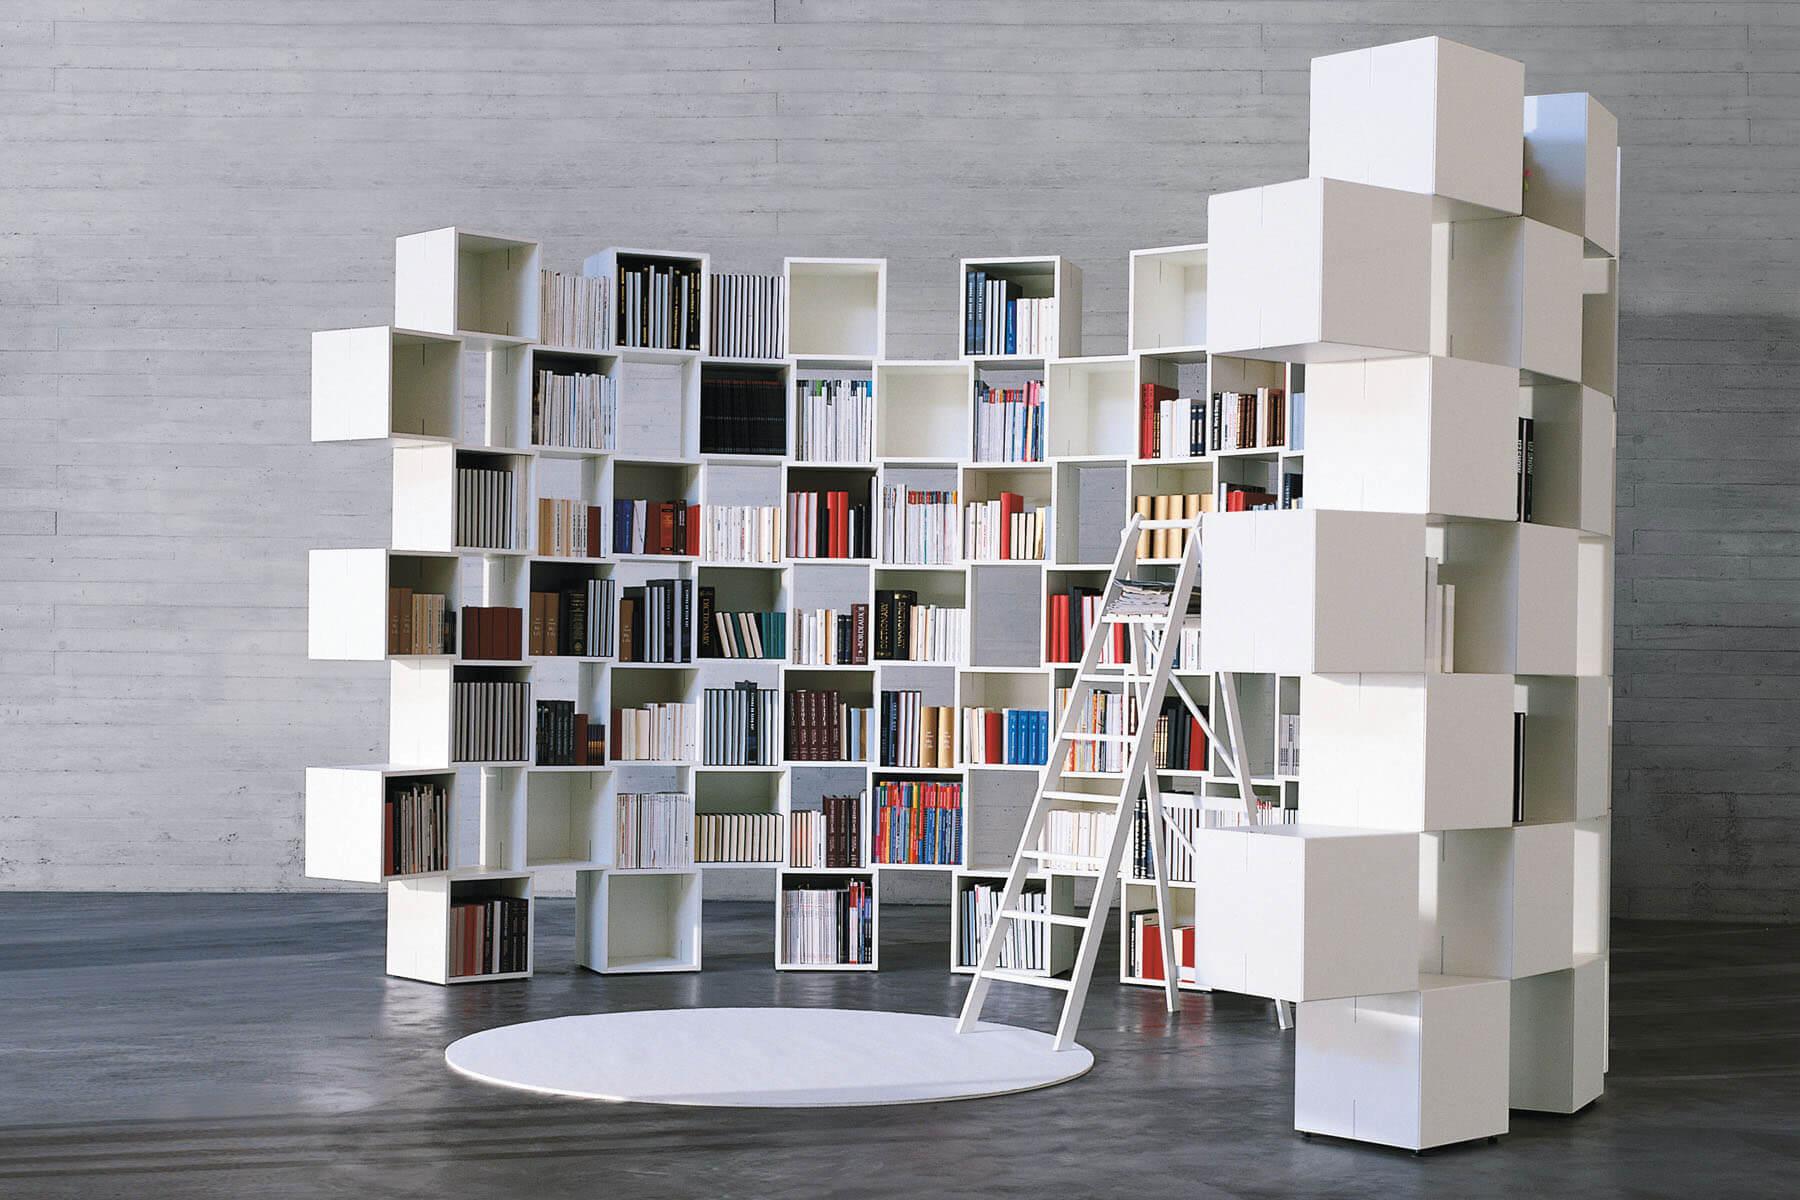 libreria-net-4